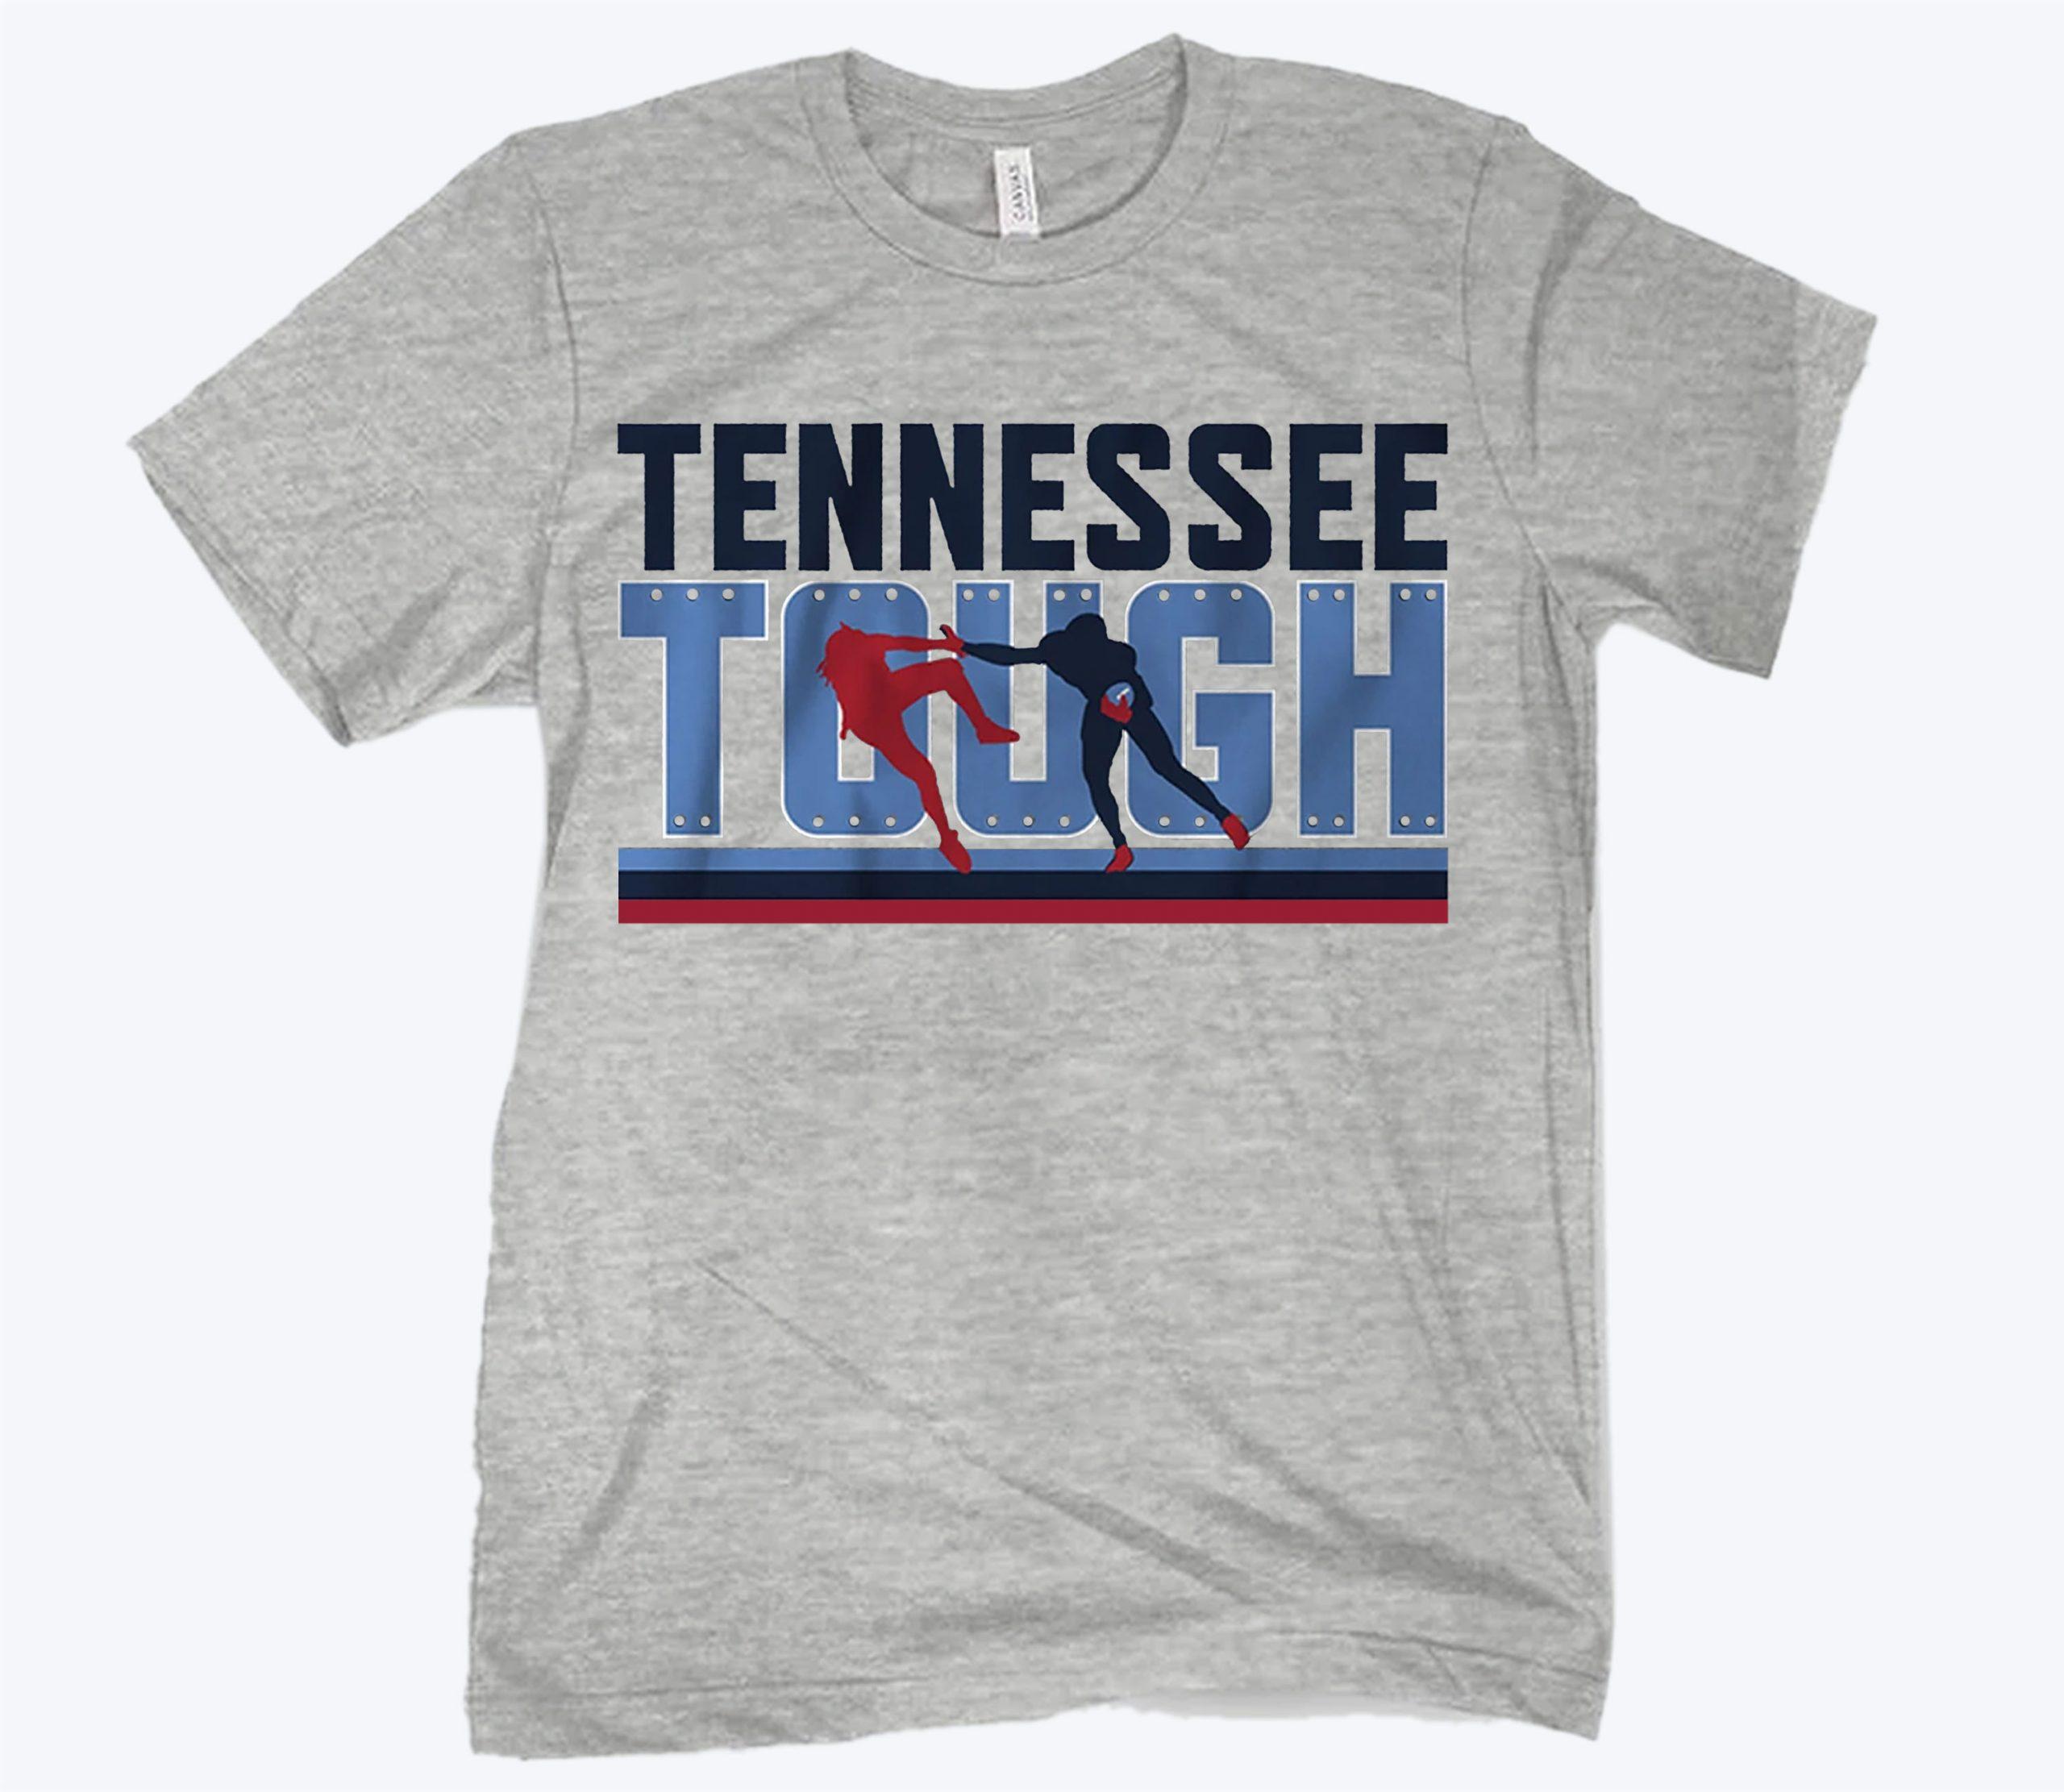 Tennessee Tough T-Shirt - Nashville Football